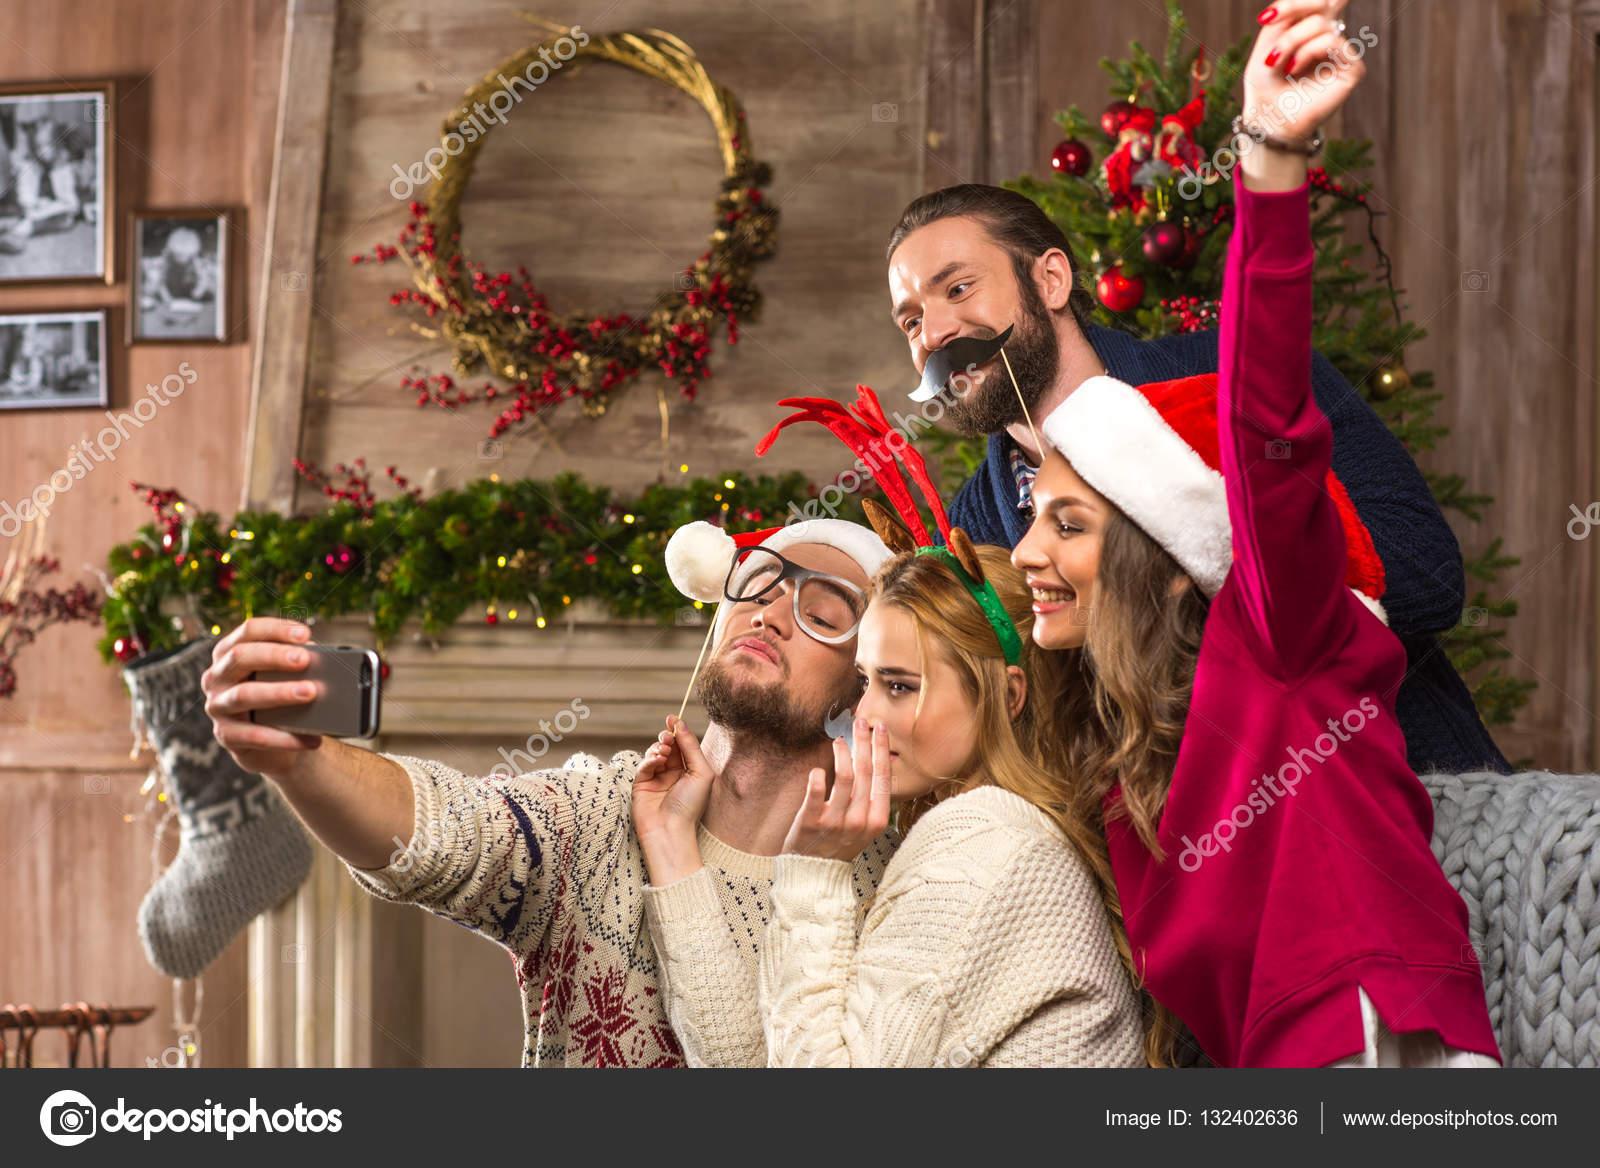 Gente Feliz En Navidad.Feliz Navidad Gente Gente Feliz Toma Selfie En Navidad